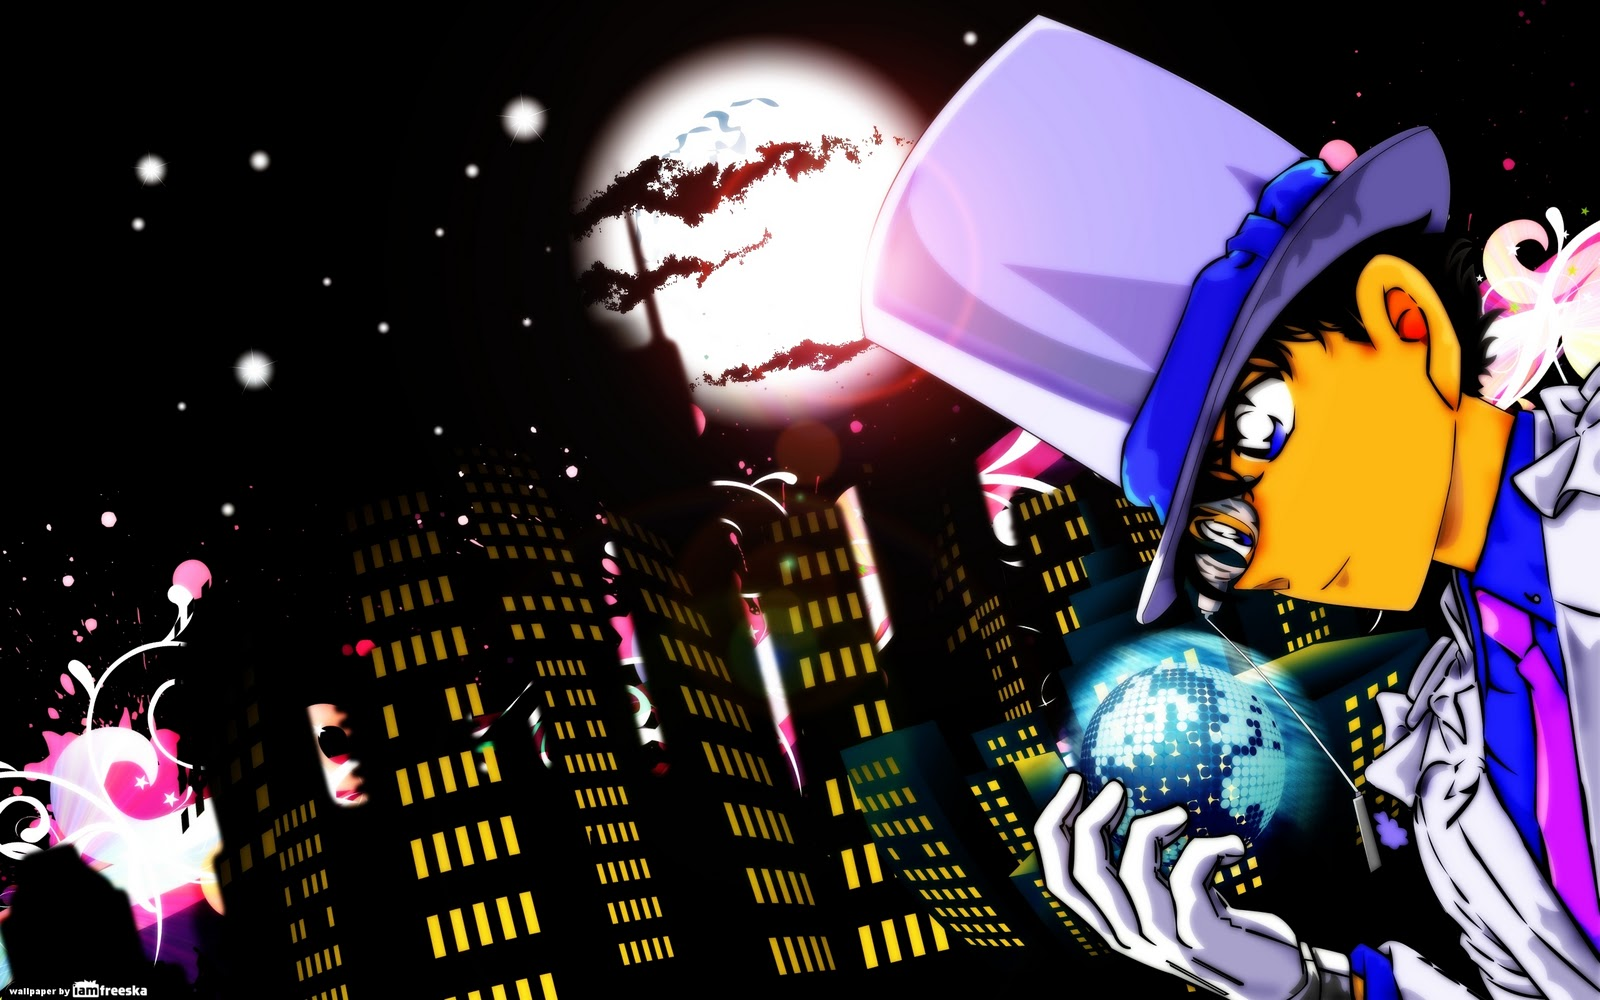 http://4.bp.blogspot.com/-QsWn7hGZJeQ/Tup2rwvqBnI/AAAAAAAAANo/eLJgYq-pJzU/s1600/Detective-Conan-Wallpapers-016.jpg